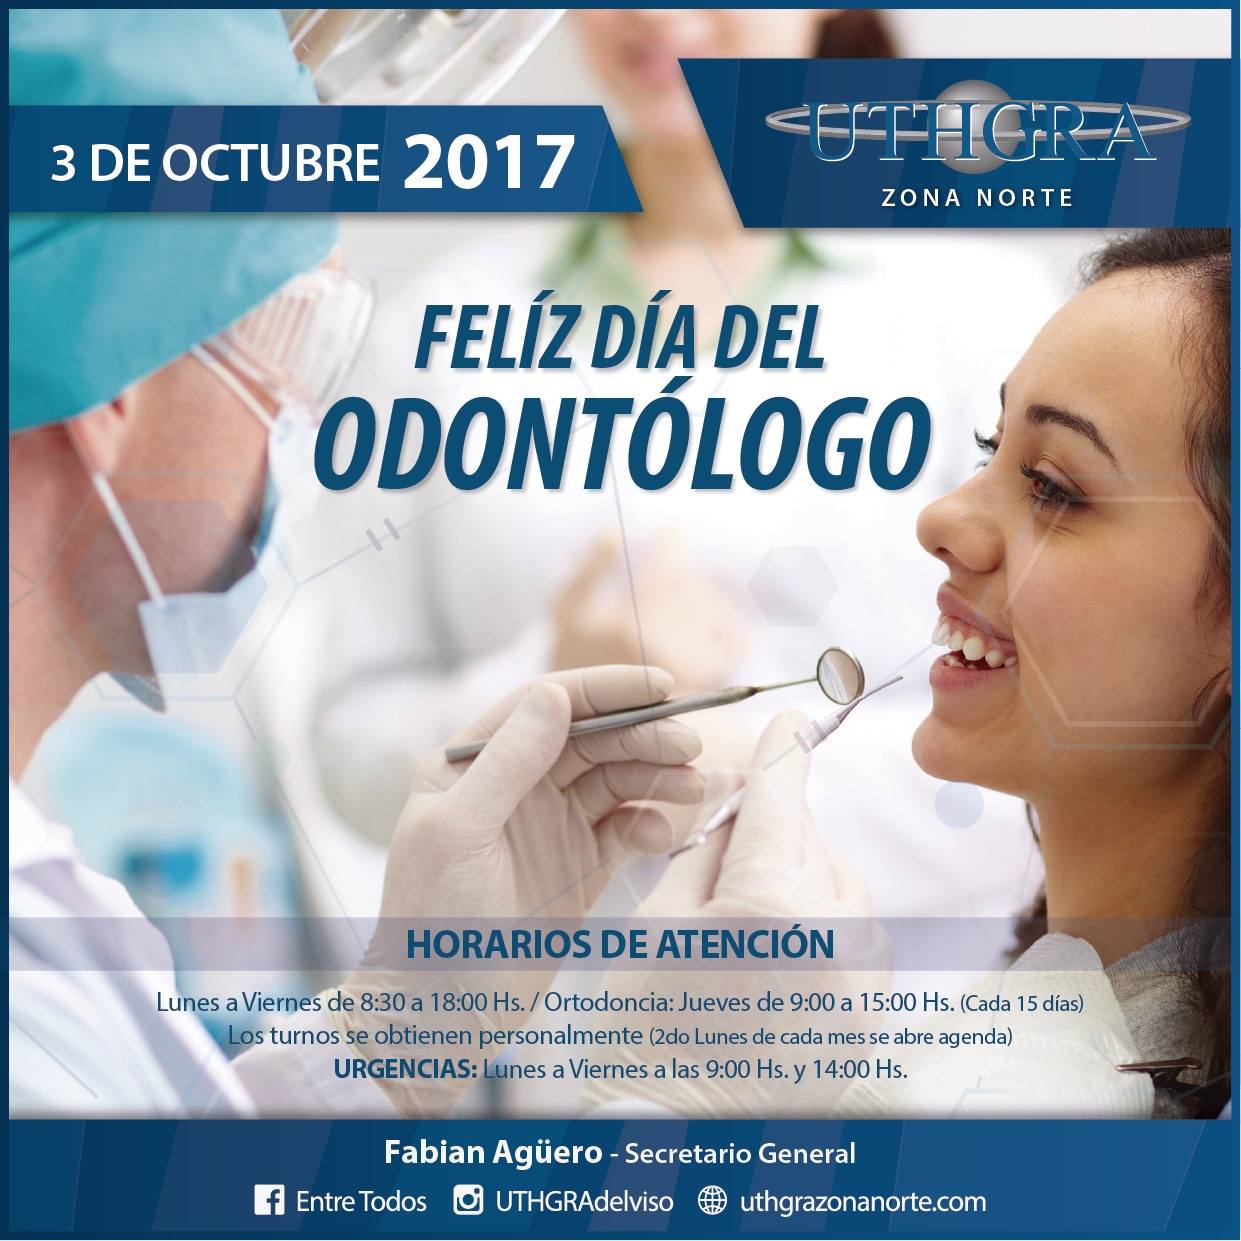 Dia del odontologo – 3 de Octubre